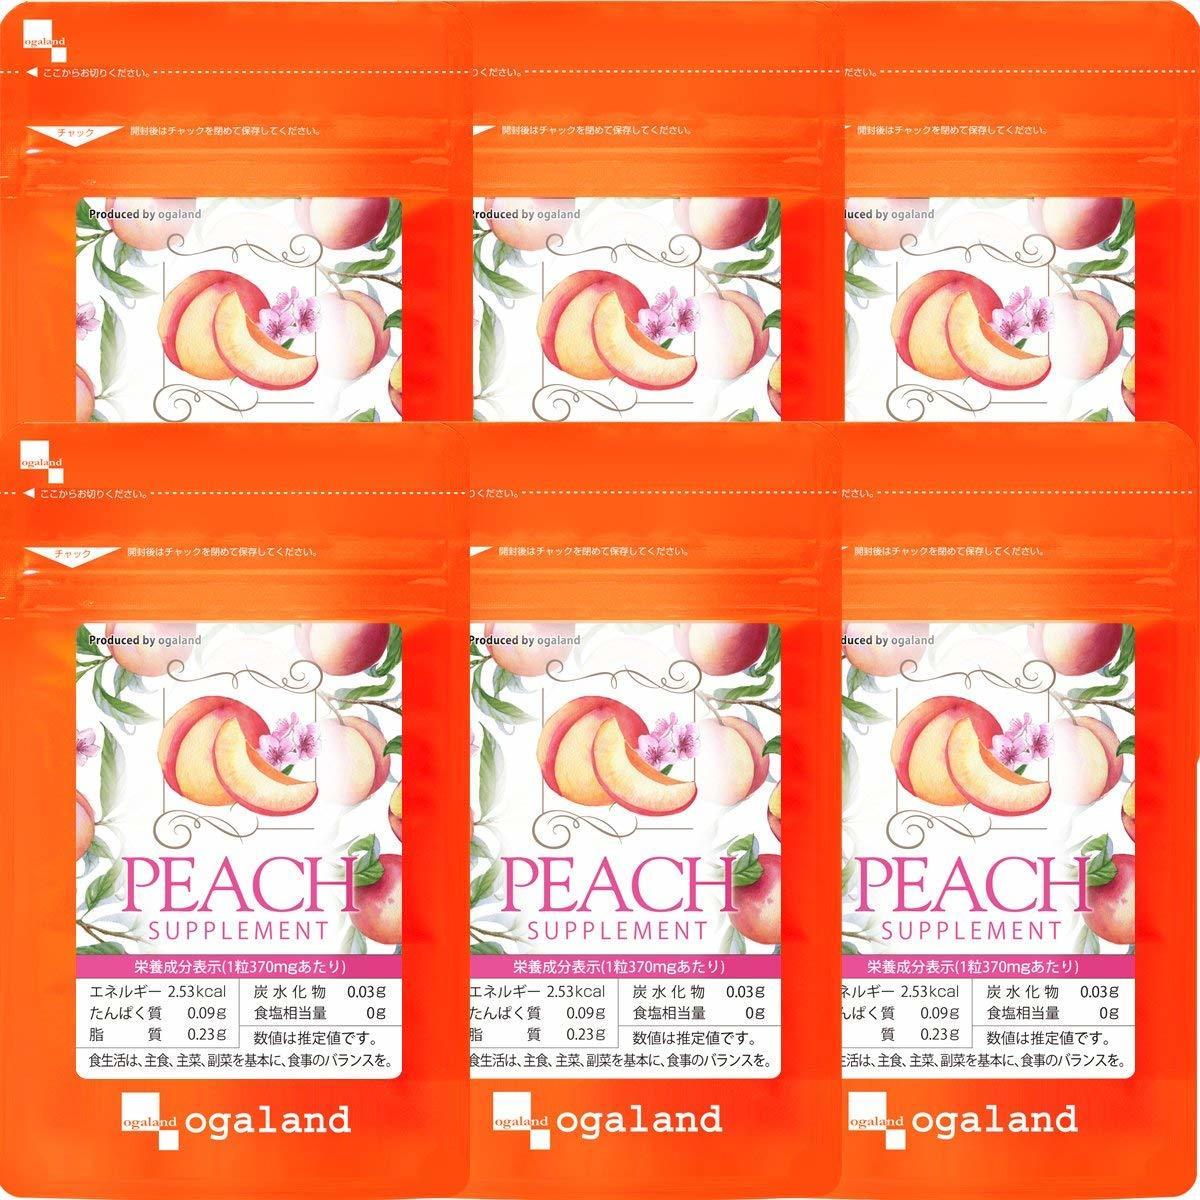 送料無料 ★ オーガランド ピーチサプリ(約6ヶ月分) フレグランス サプリメント ☆ 約1ヶ月分×6袋セット_画像1